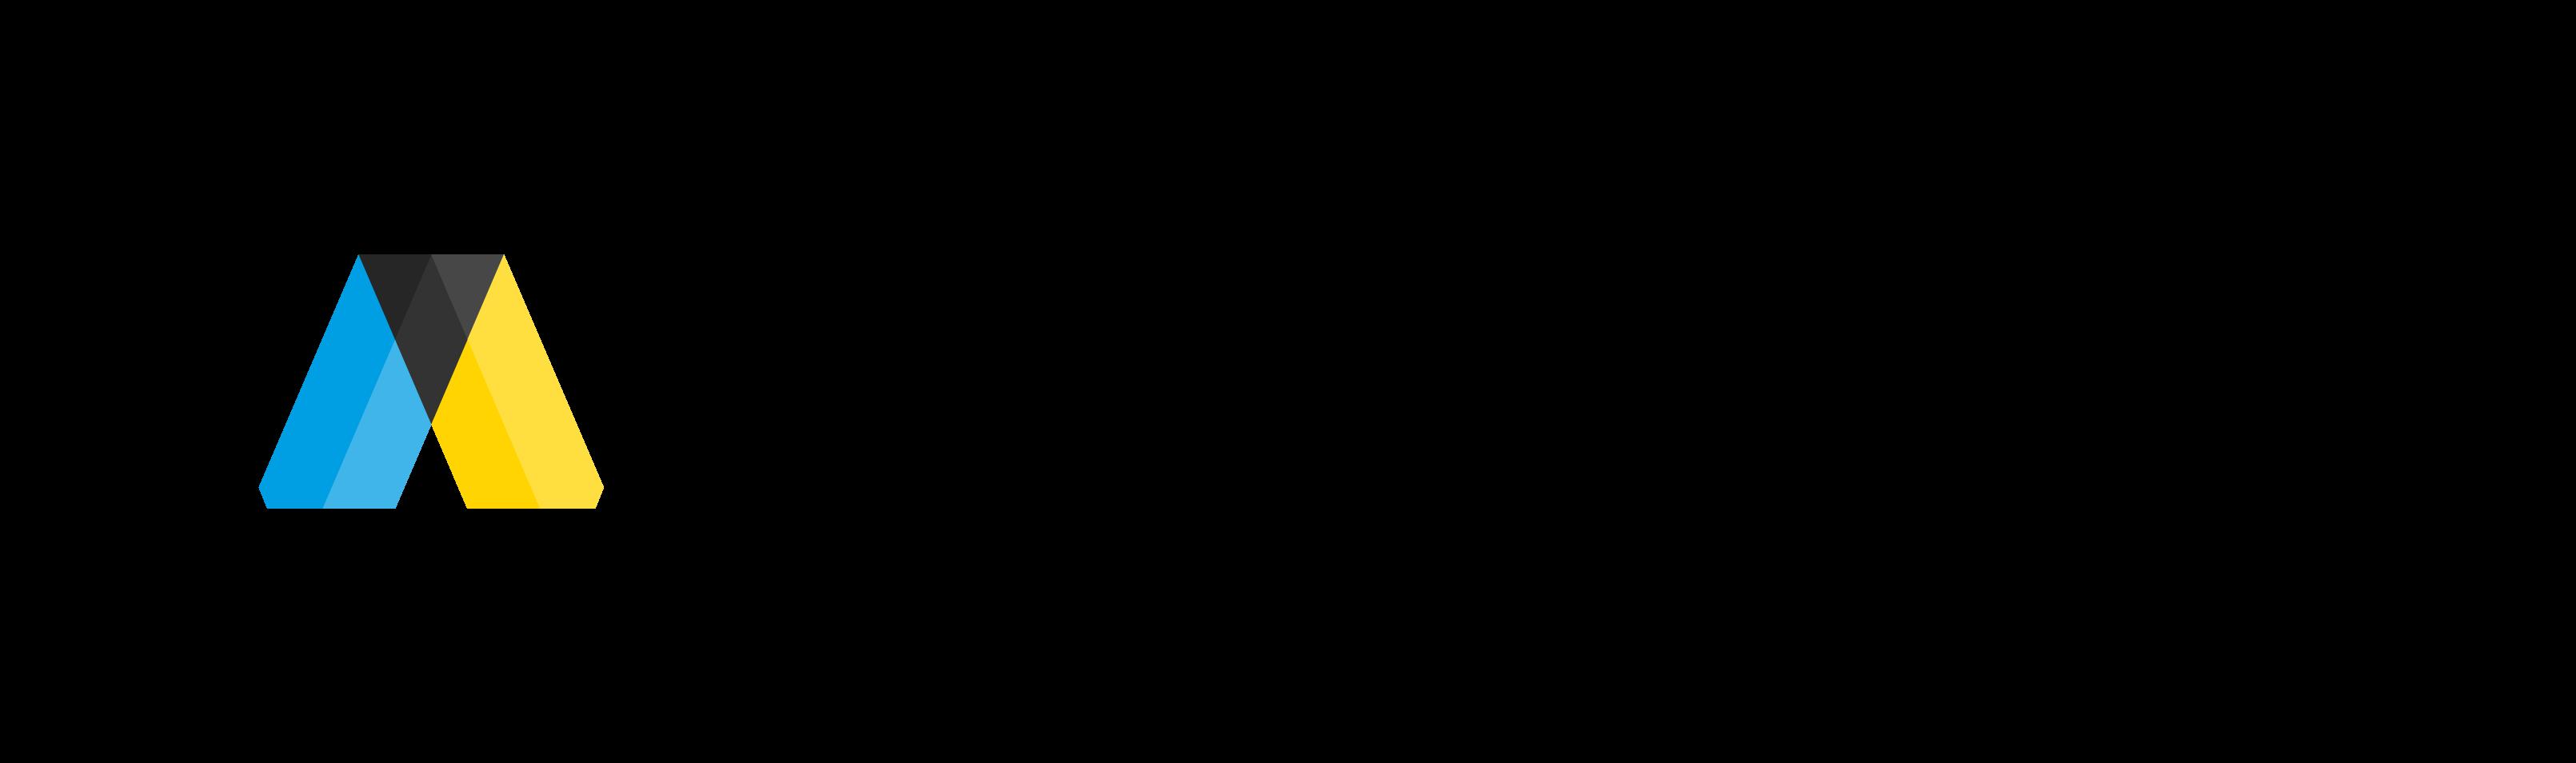 Bildergebnis für fotos vom logo der aachener zeitungen